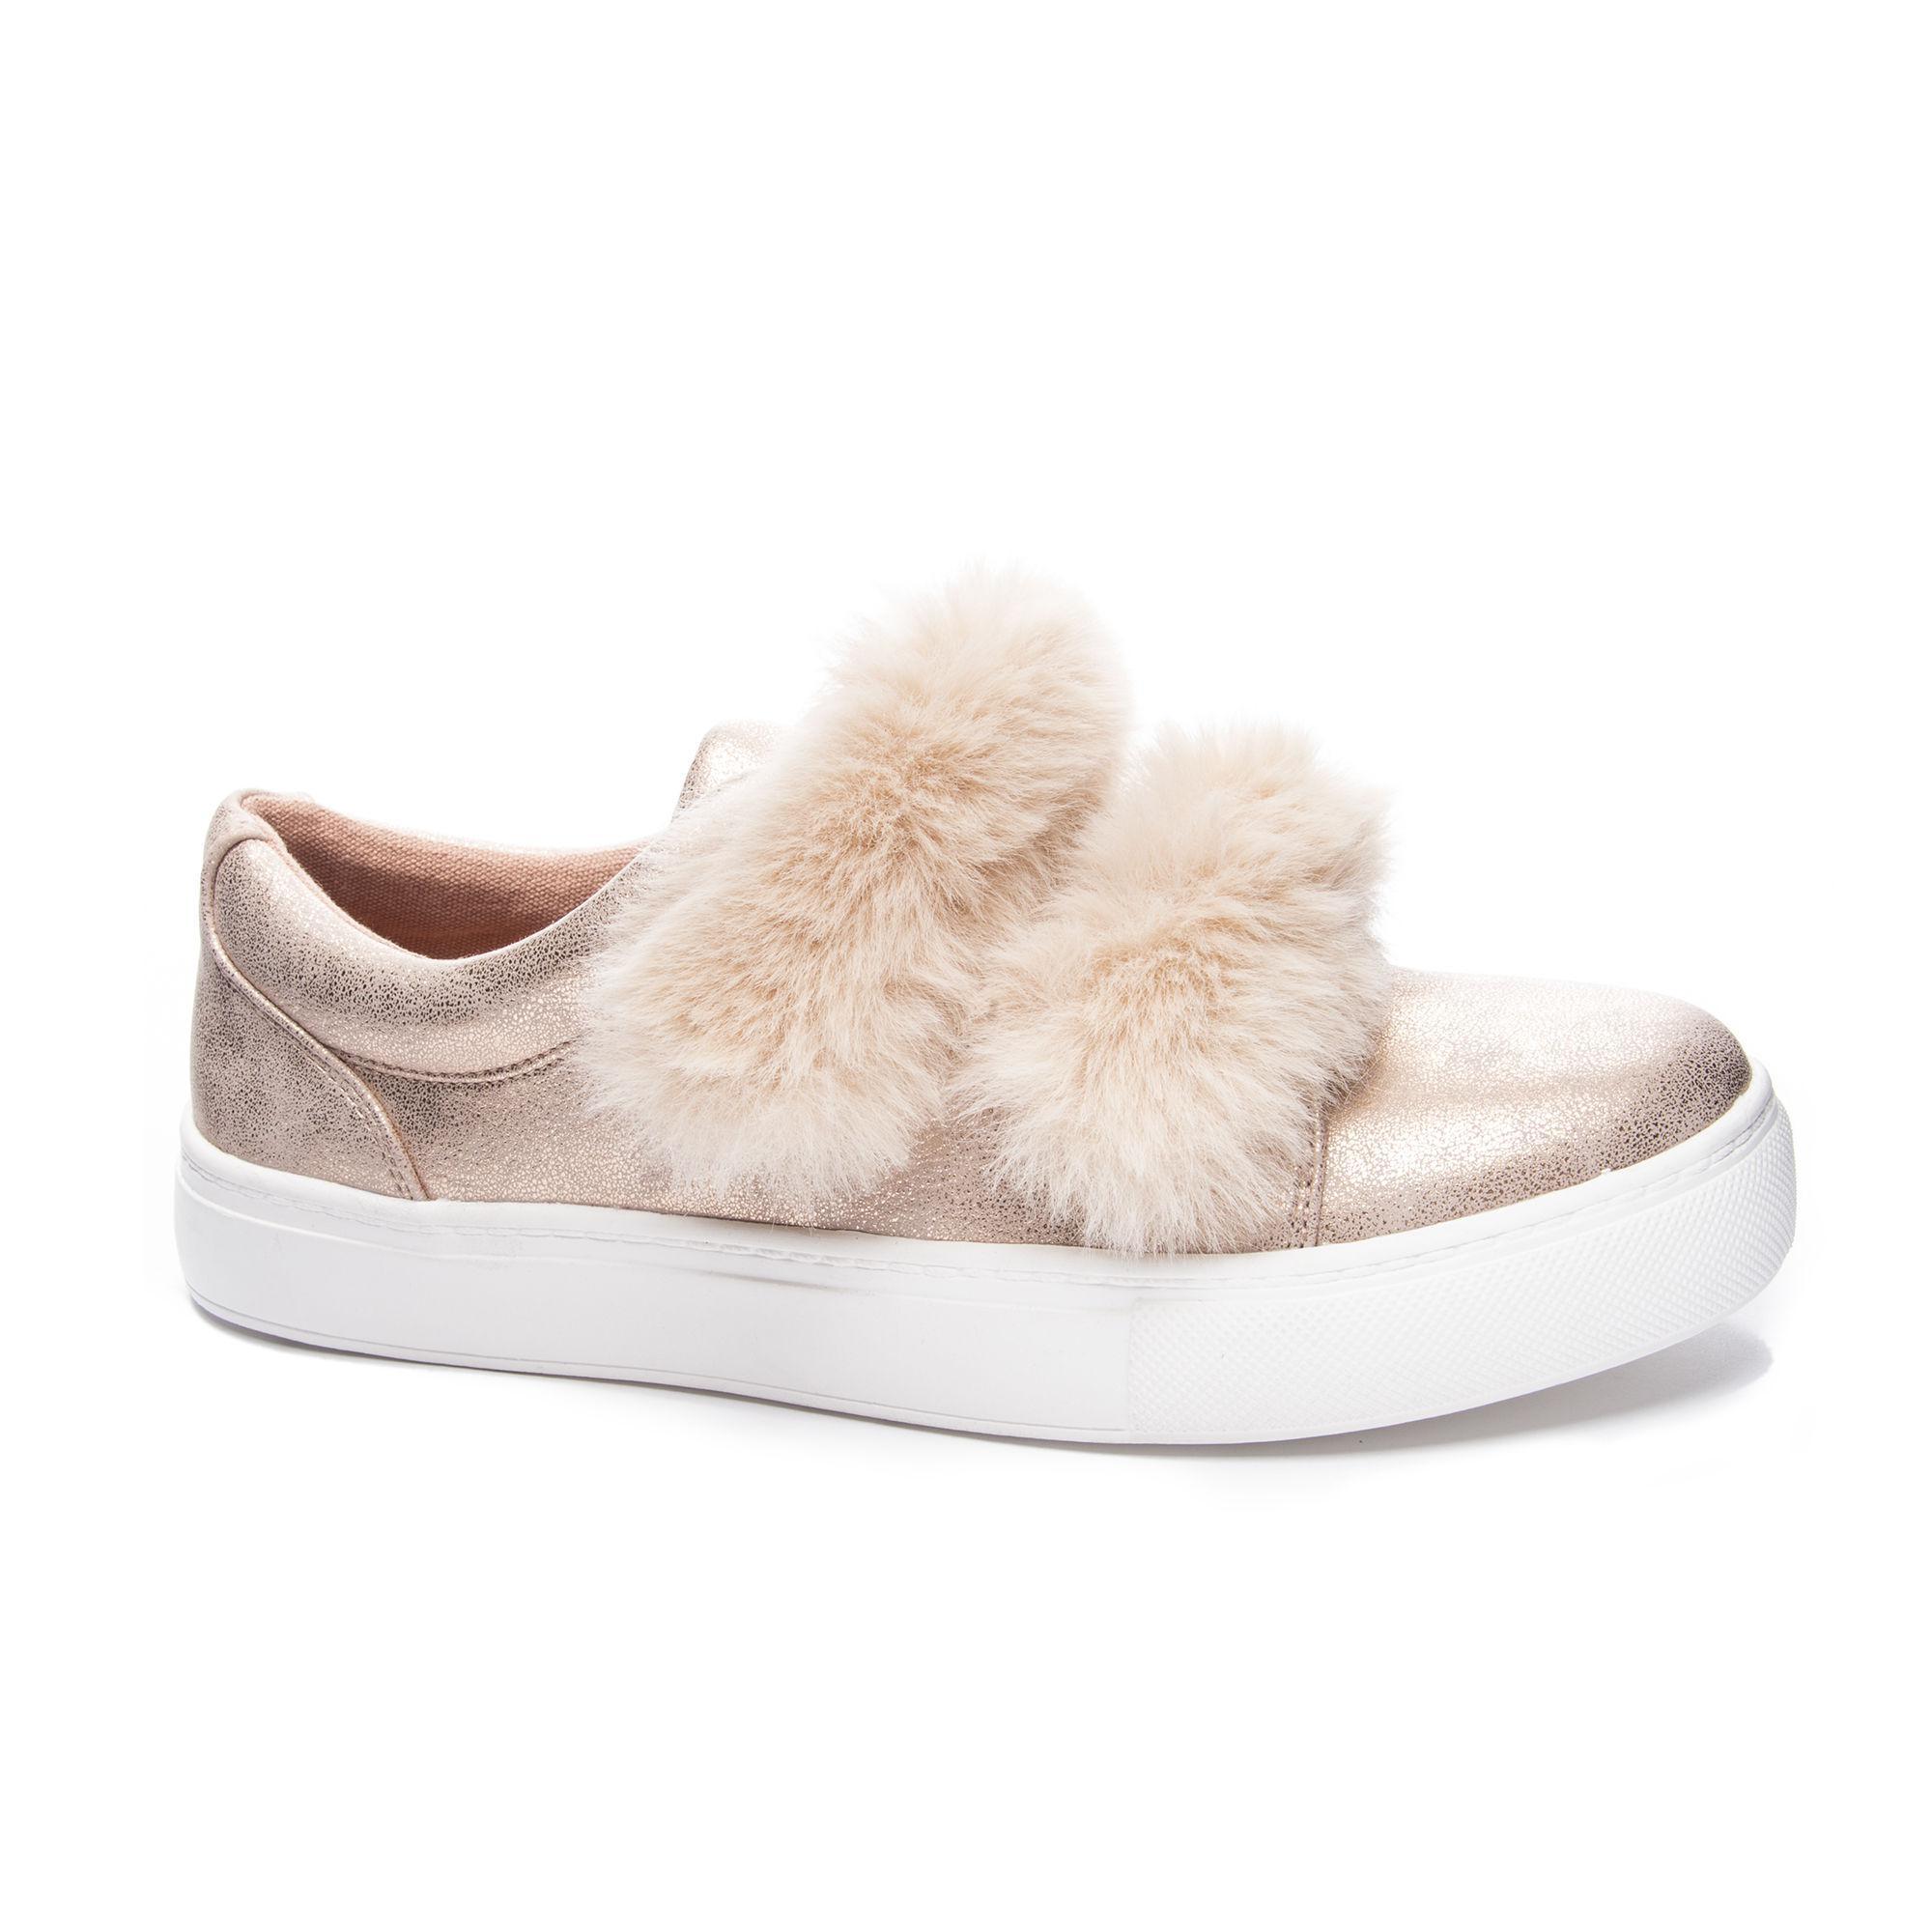 Dirty Laundry Jordan Sneaker G76kzEvT